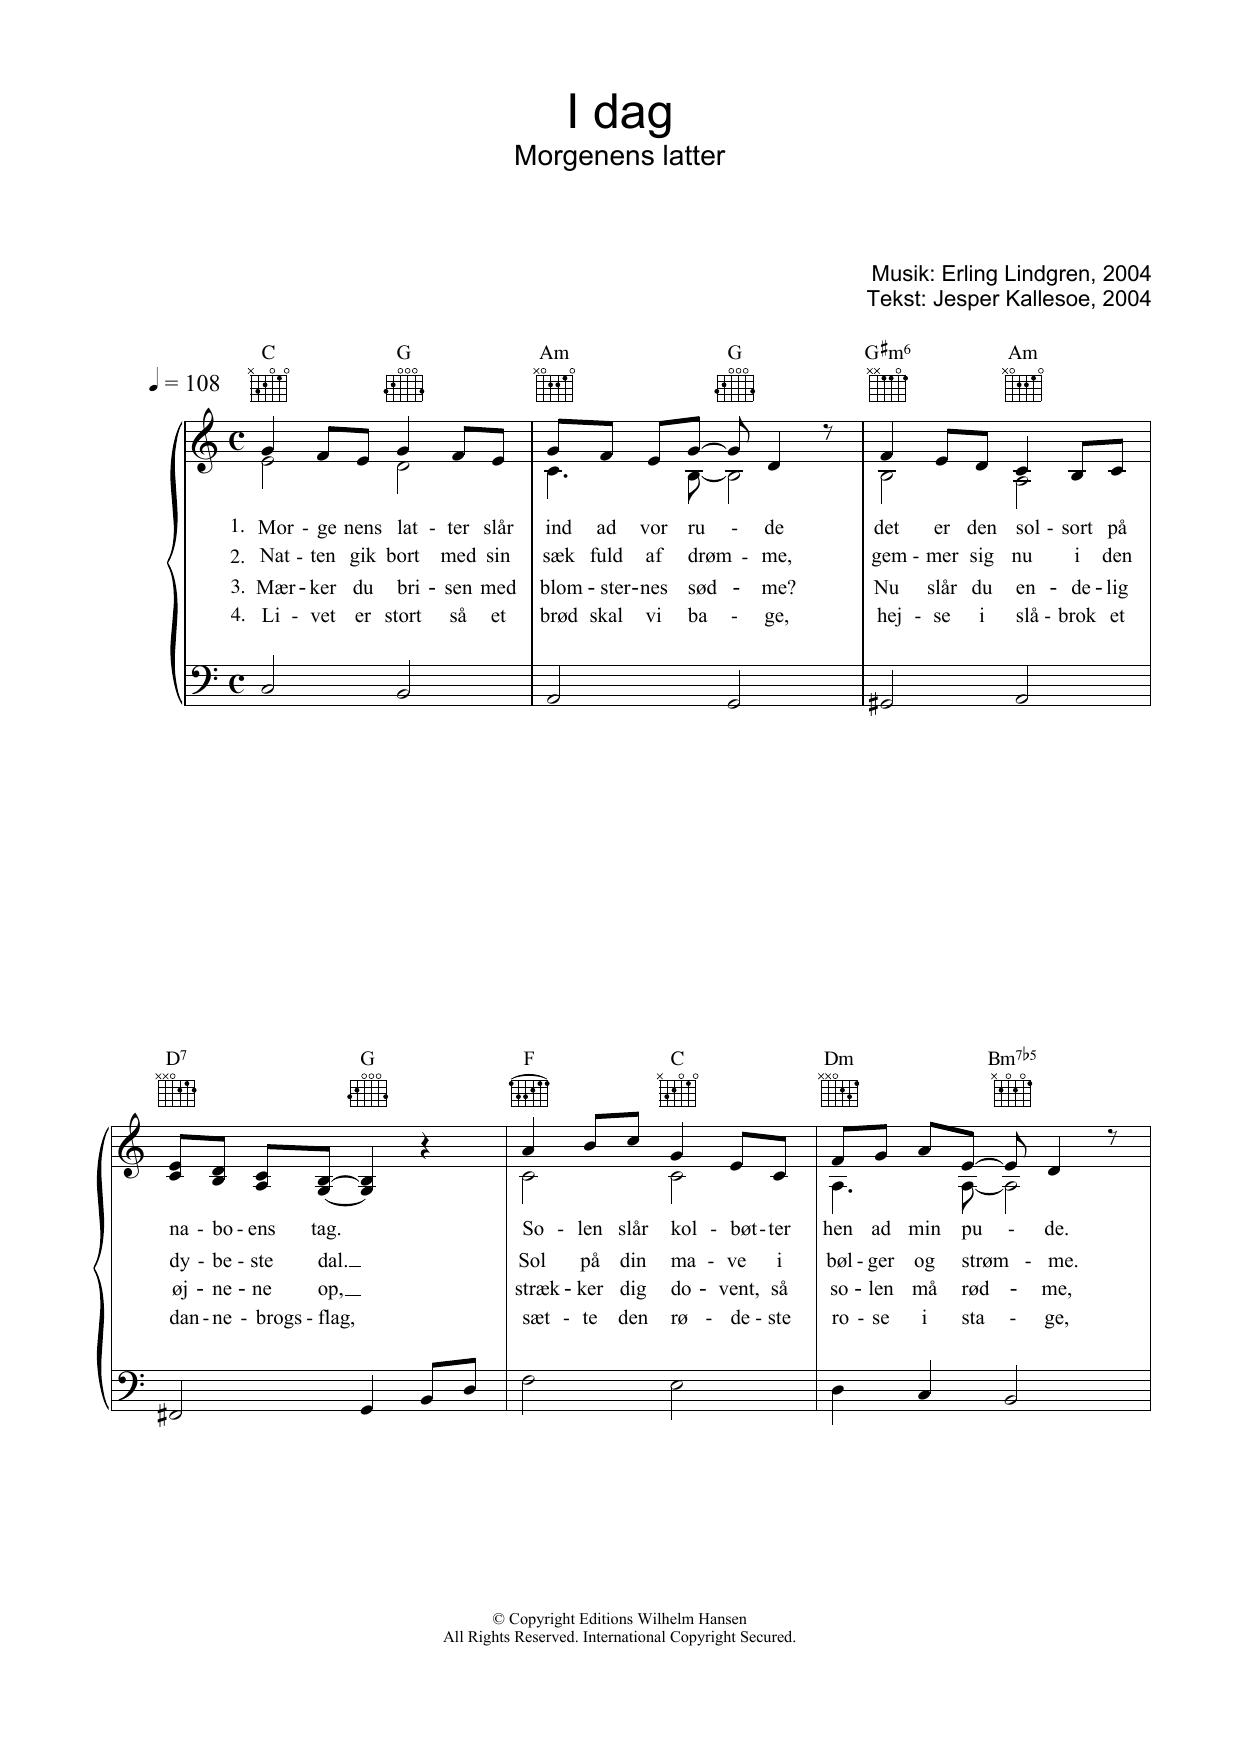 I Dag Morgenens Latter sheet music